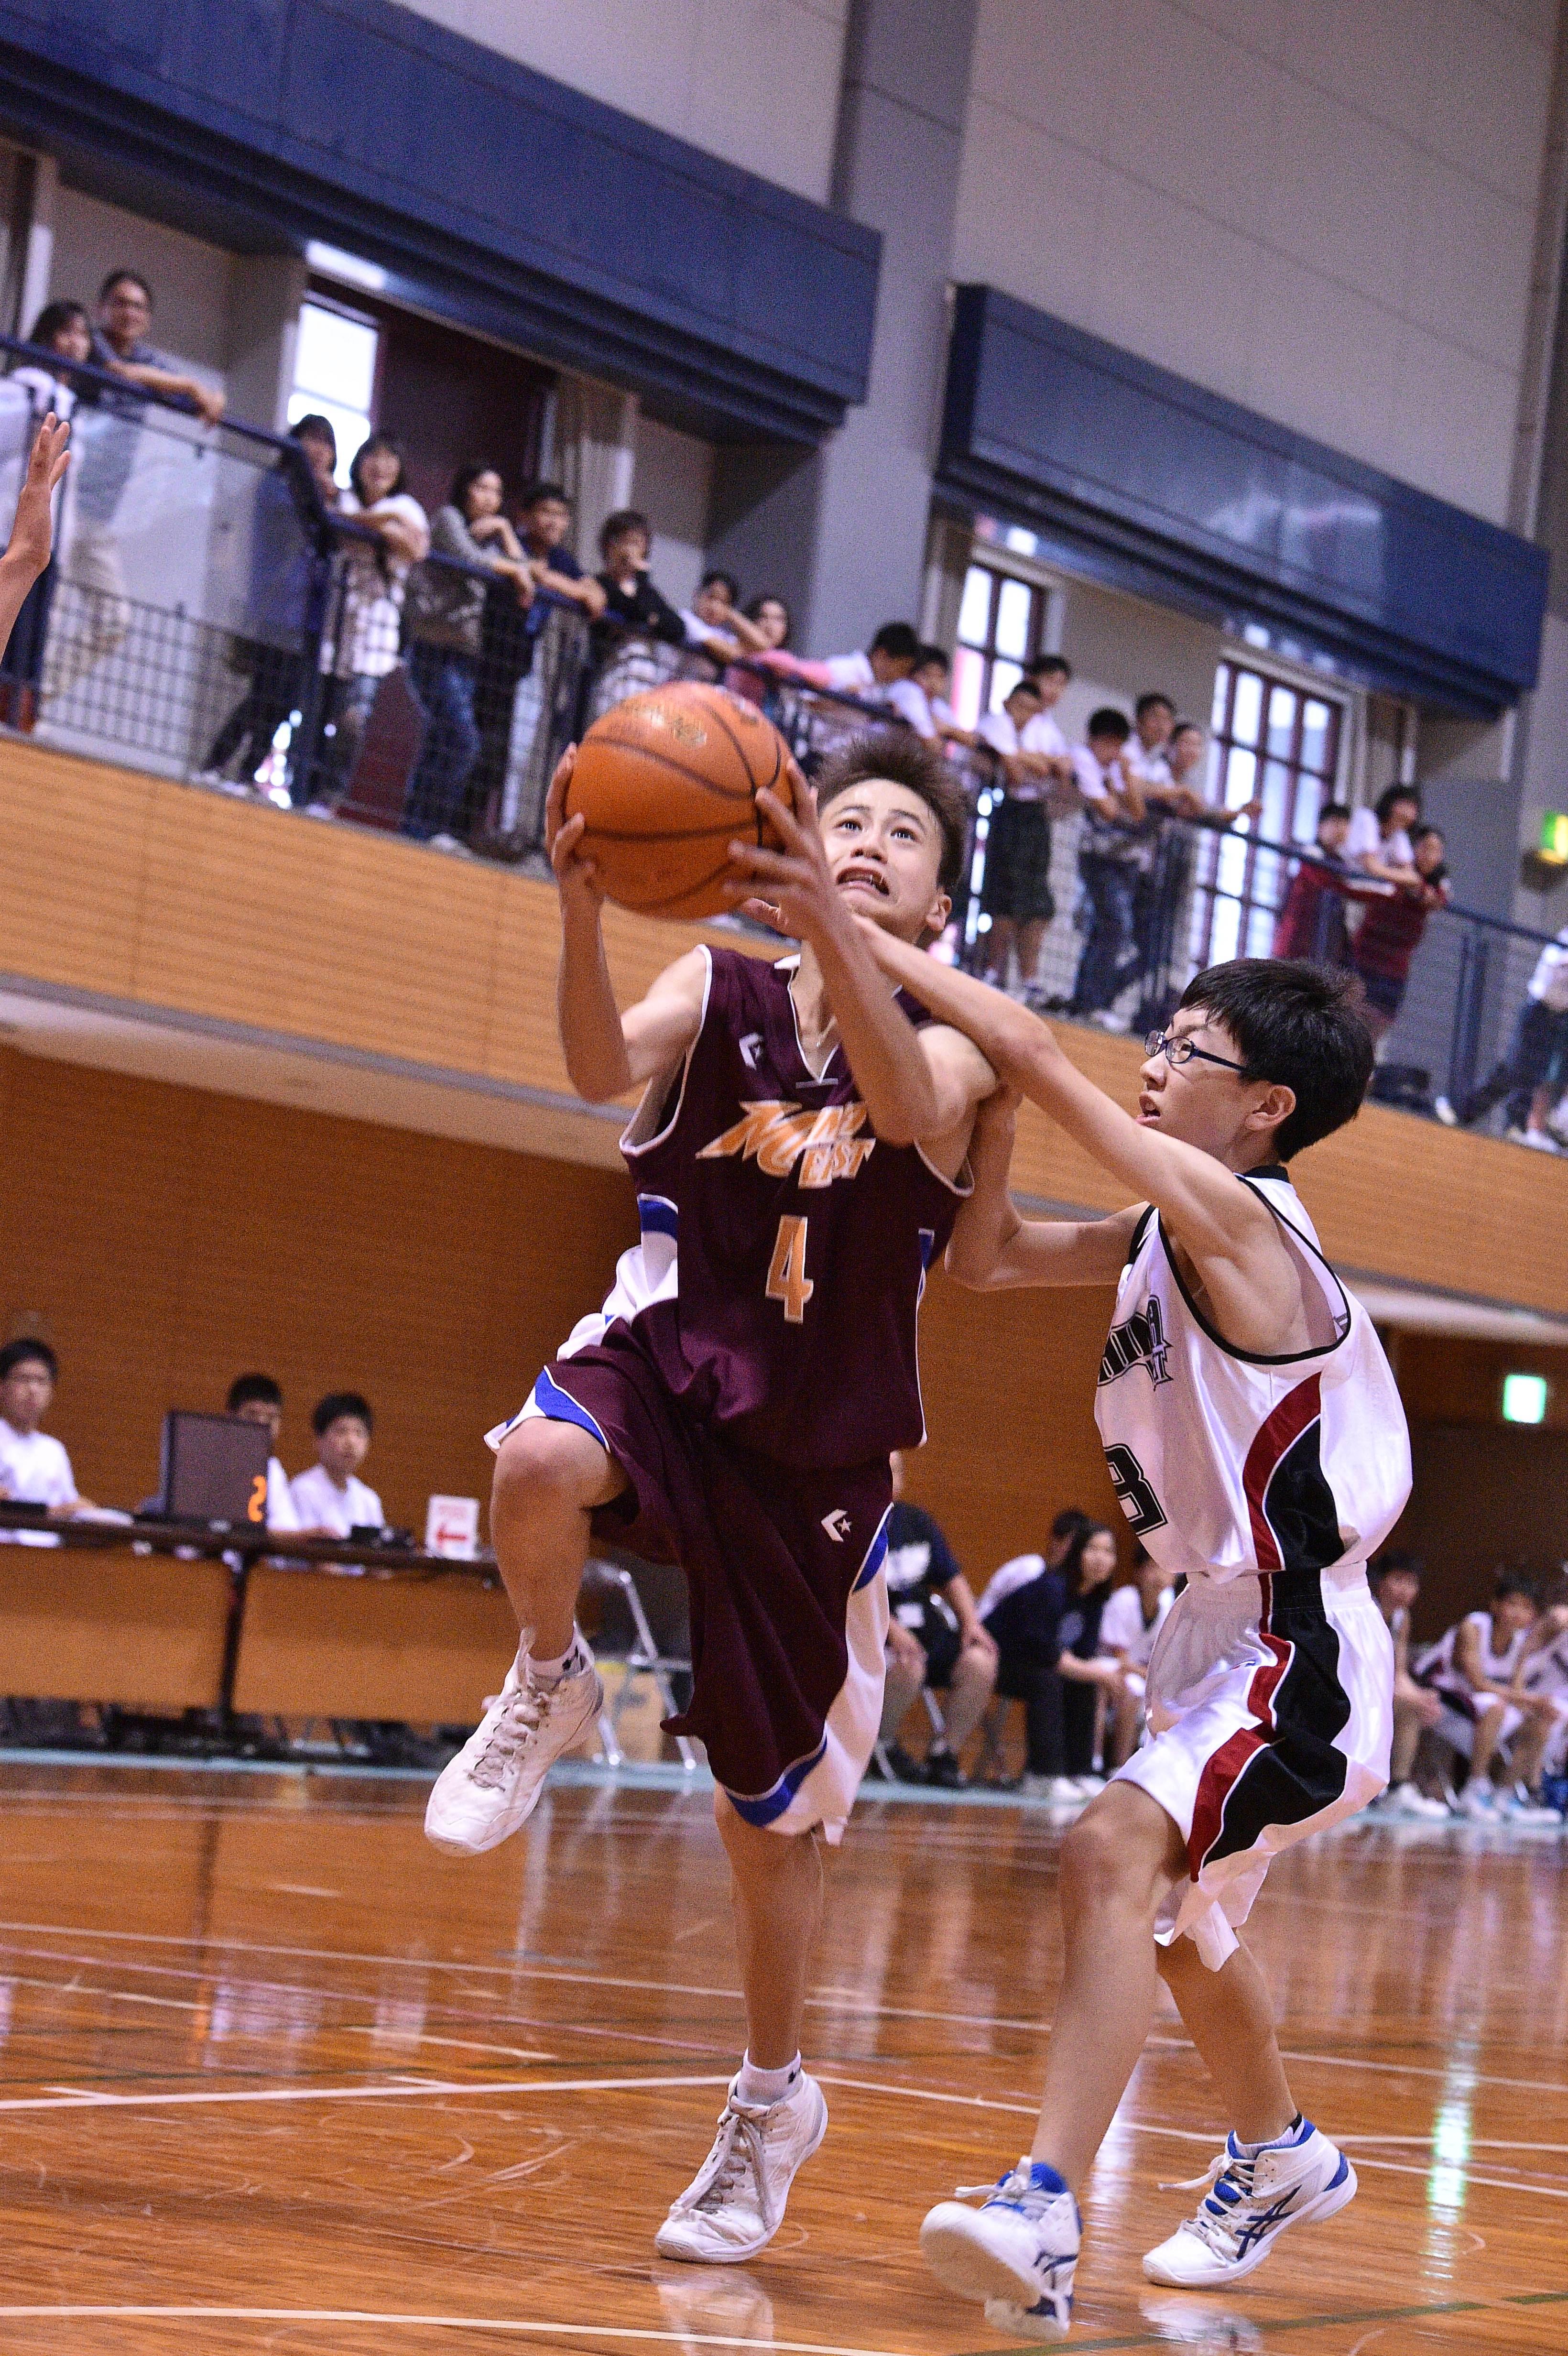 バスケットボール (5)